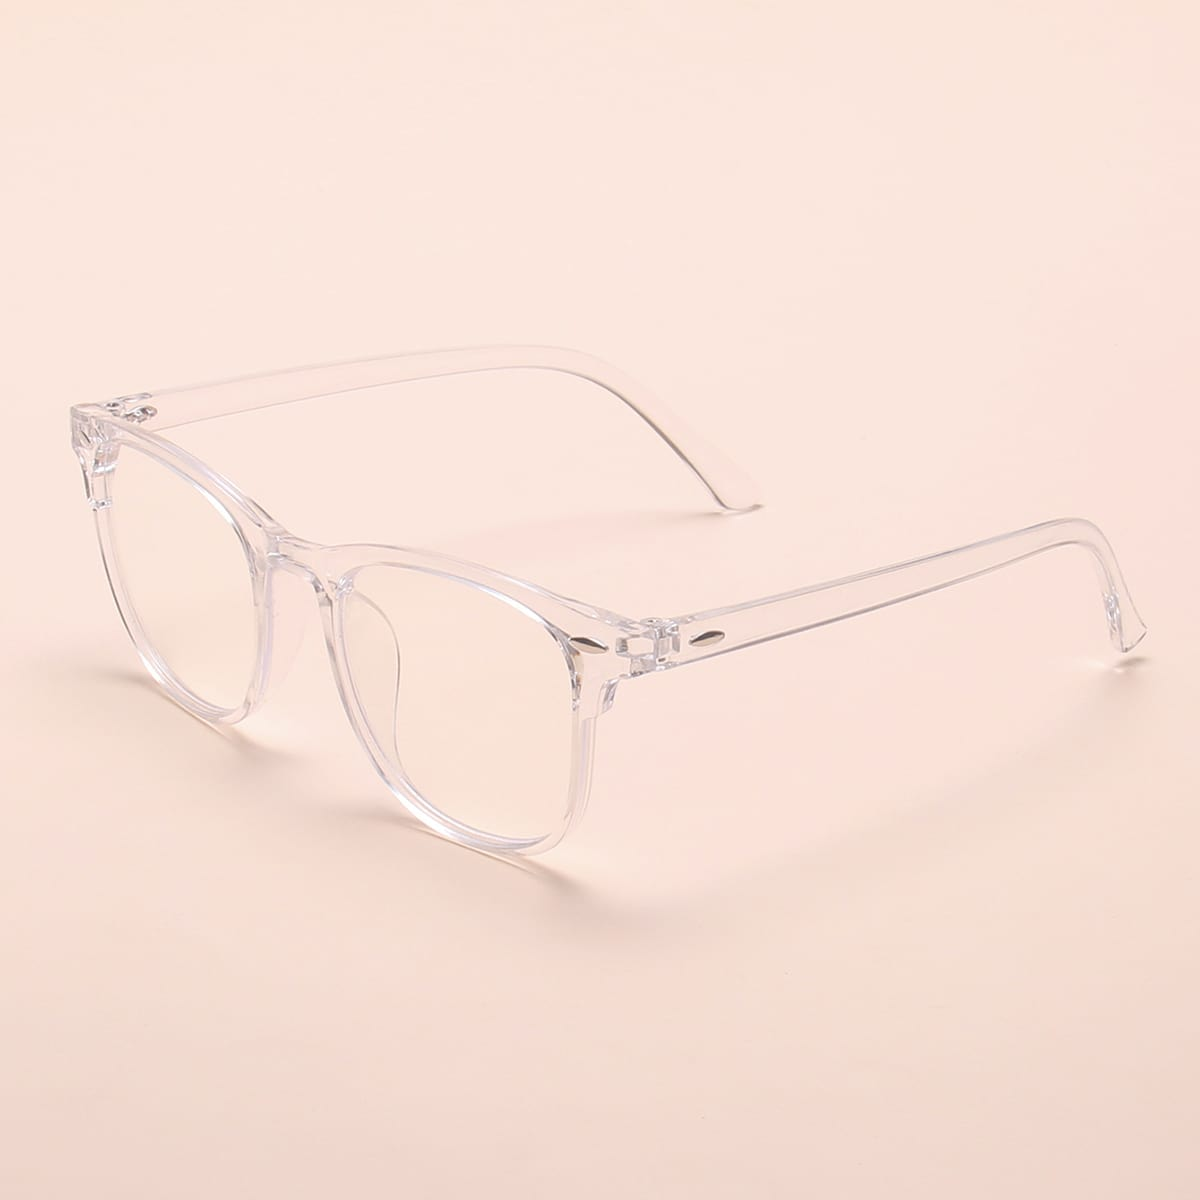 Анти-синие световые очки в прозрачной оправой